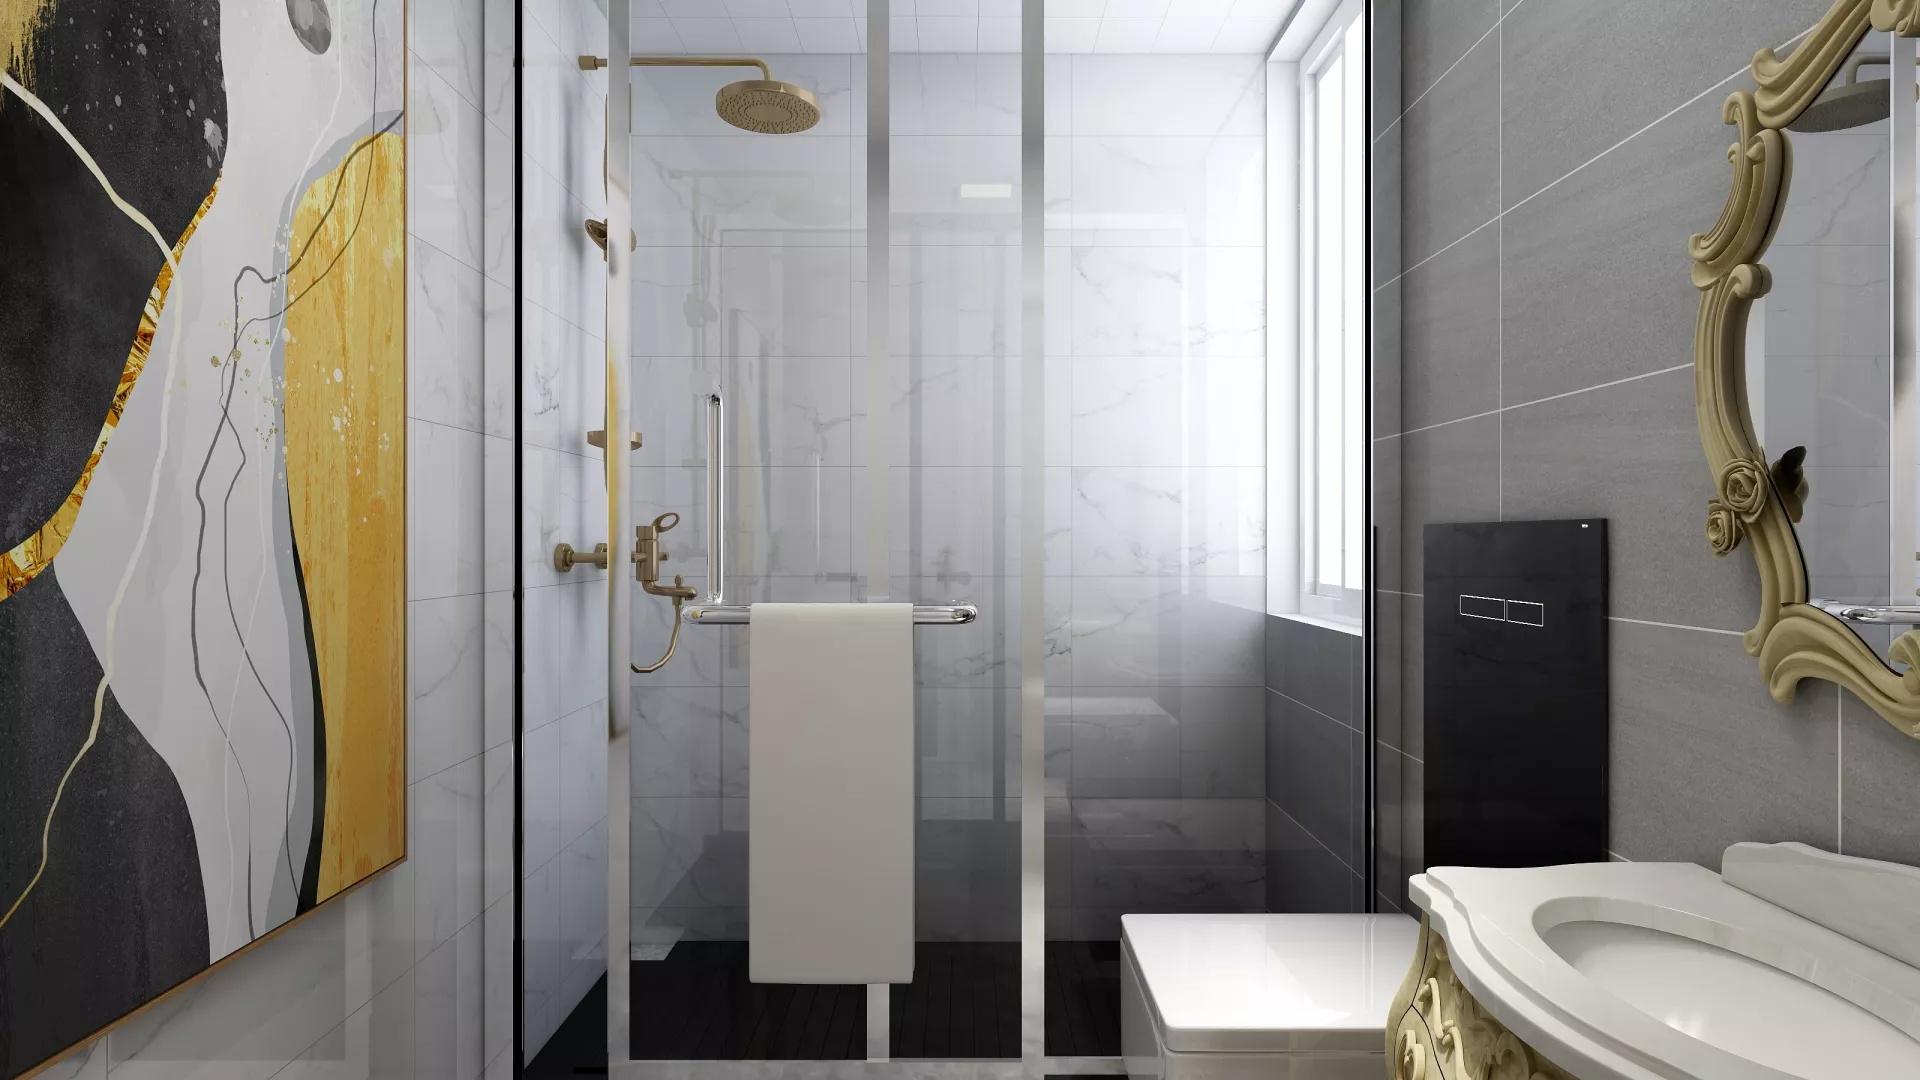 卫生间装修材料清单有哪些